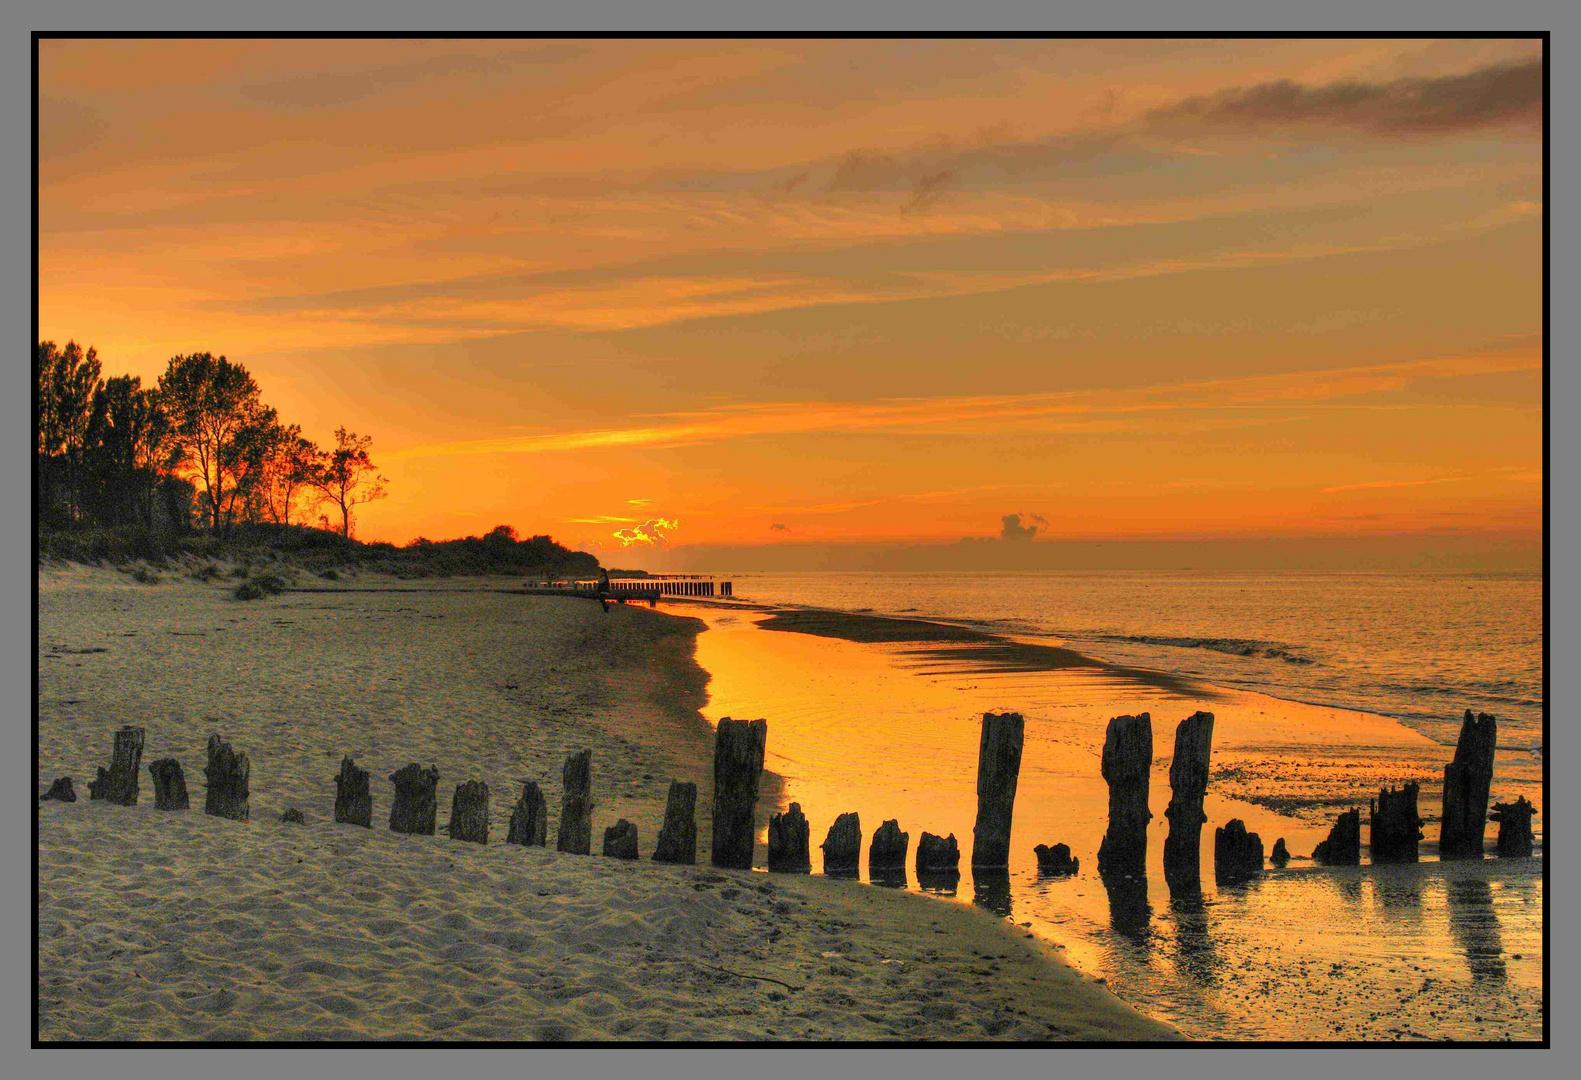 ... und noch 'nen Sonnenuntergang